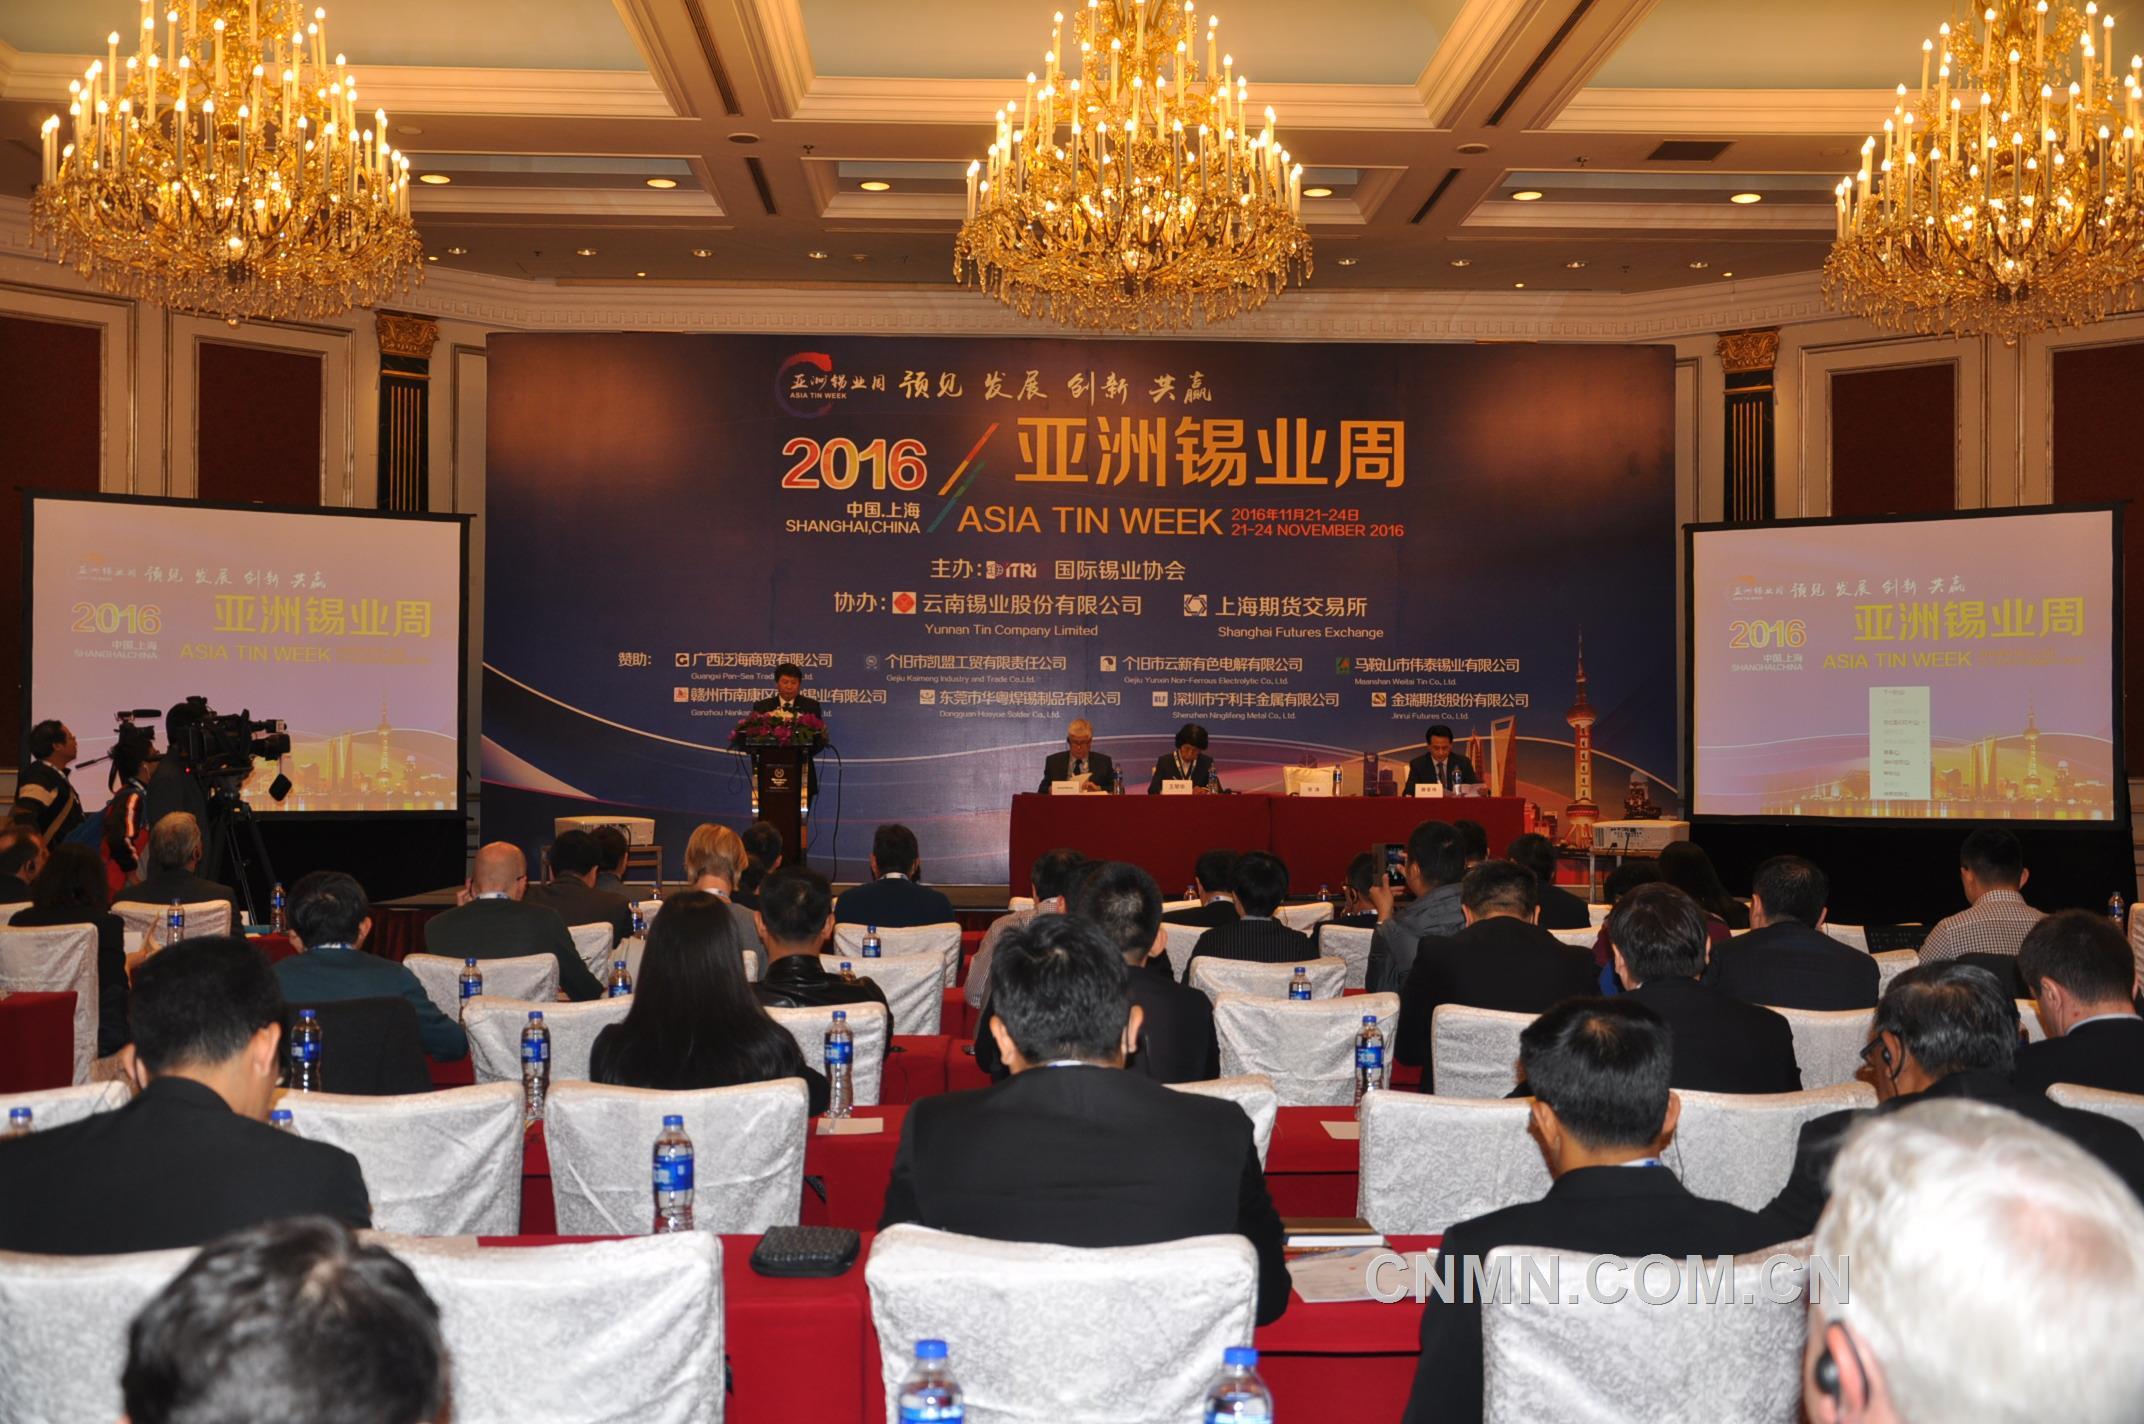 亚洲锡业周在上海开幕 共商世界锡业发展大计